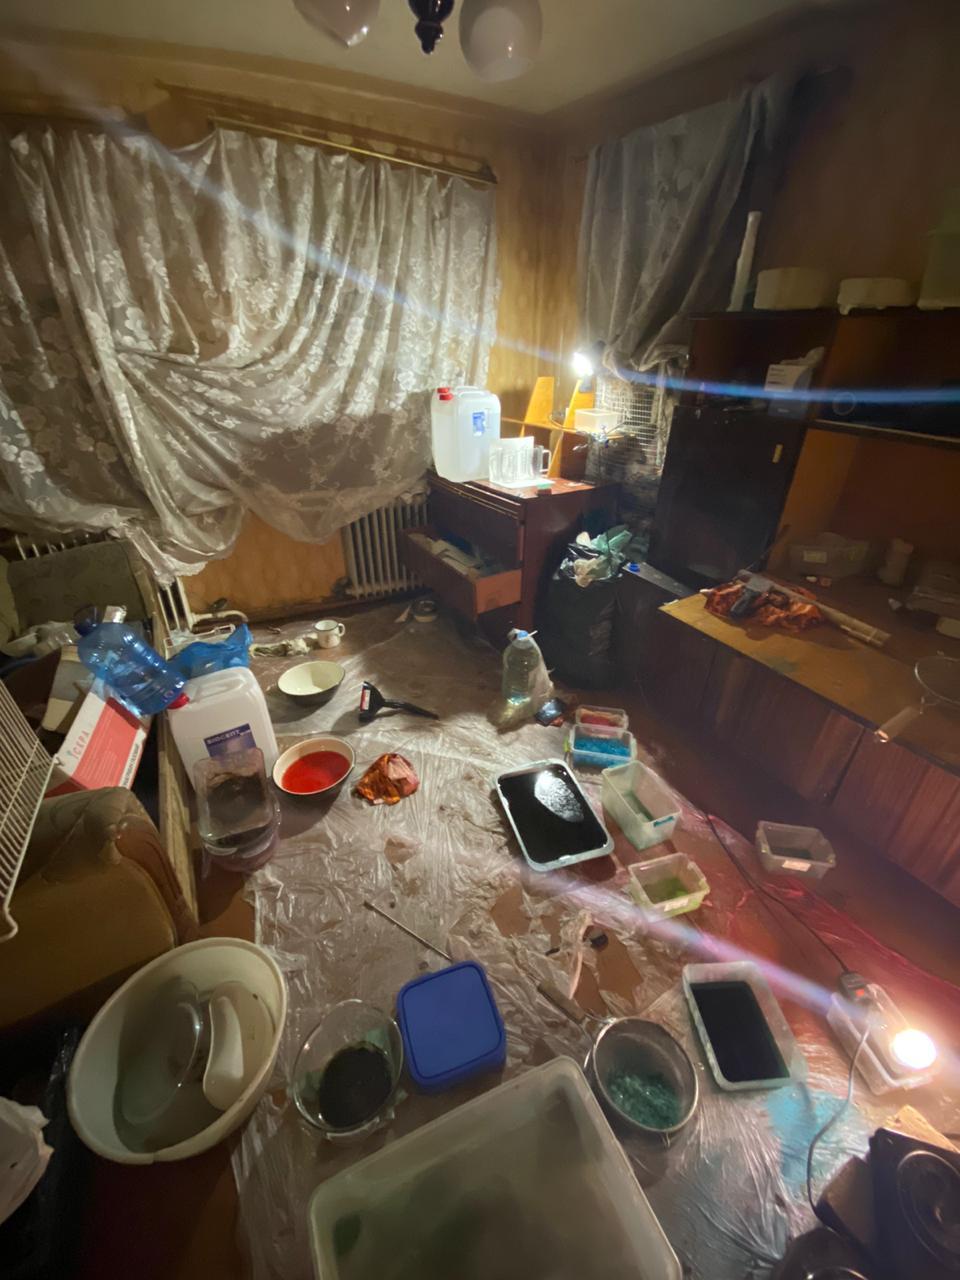 На Харьковщине выявлено незаконное производство психотропов